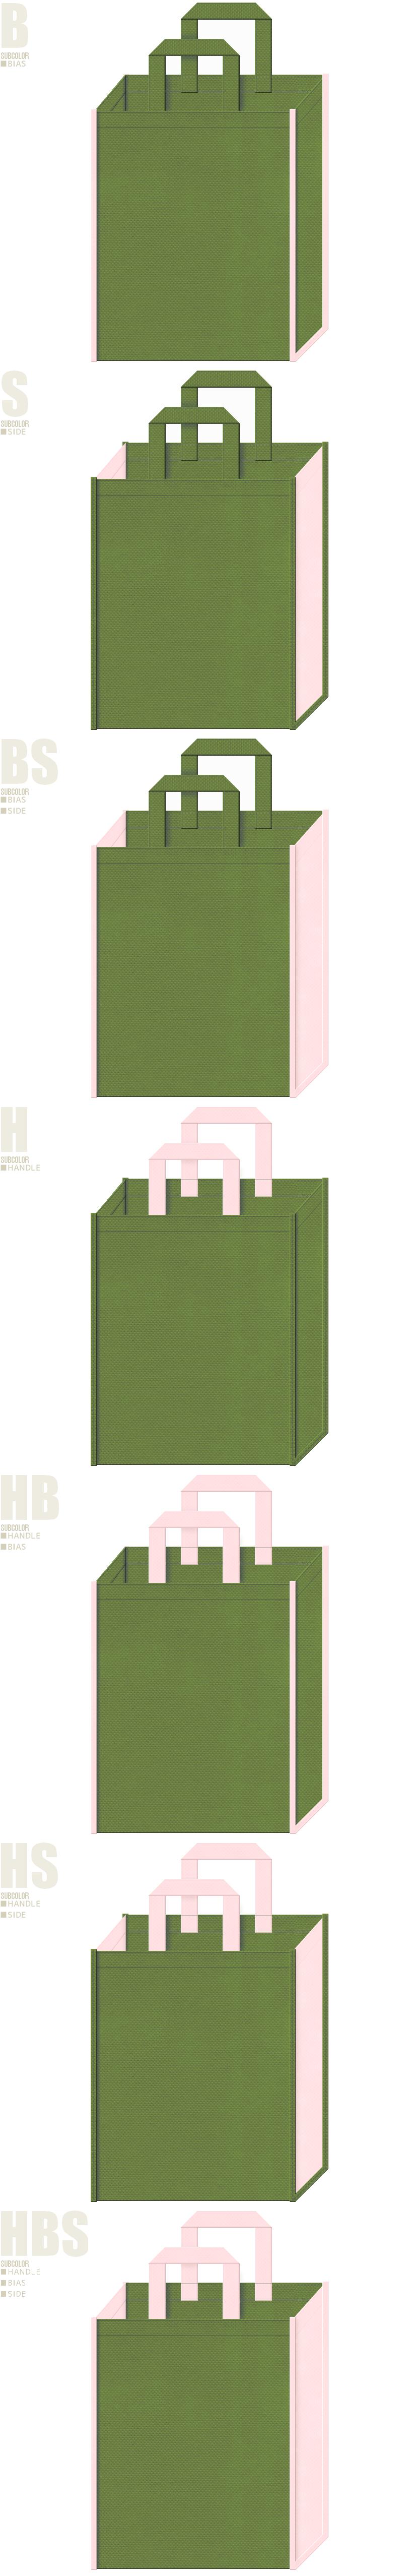 草色と桜色、7パターンの不織布トートバッグ配色デザイン例。和風スイーツ・和風催事・民話(ももたろう)・3色団子・桜餅